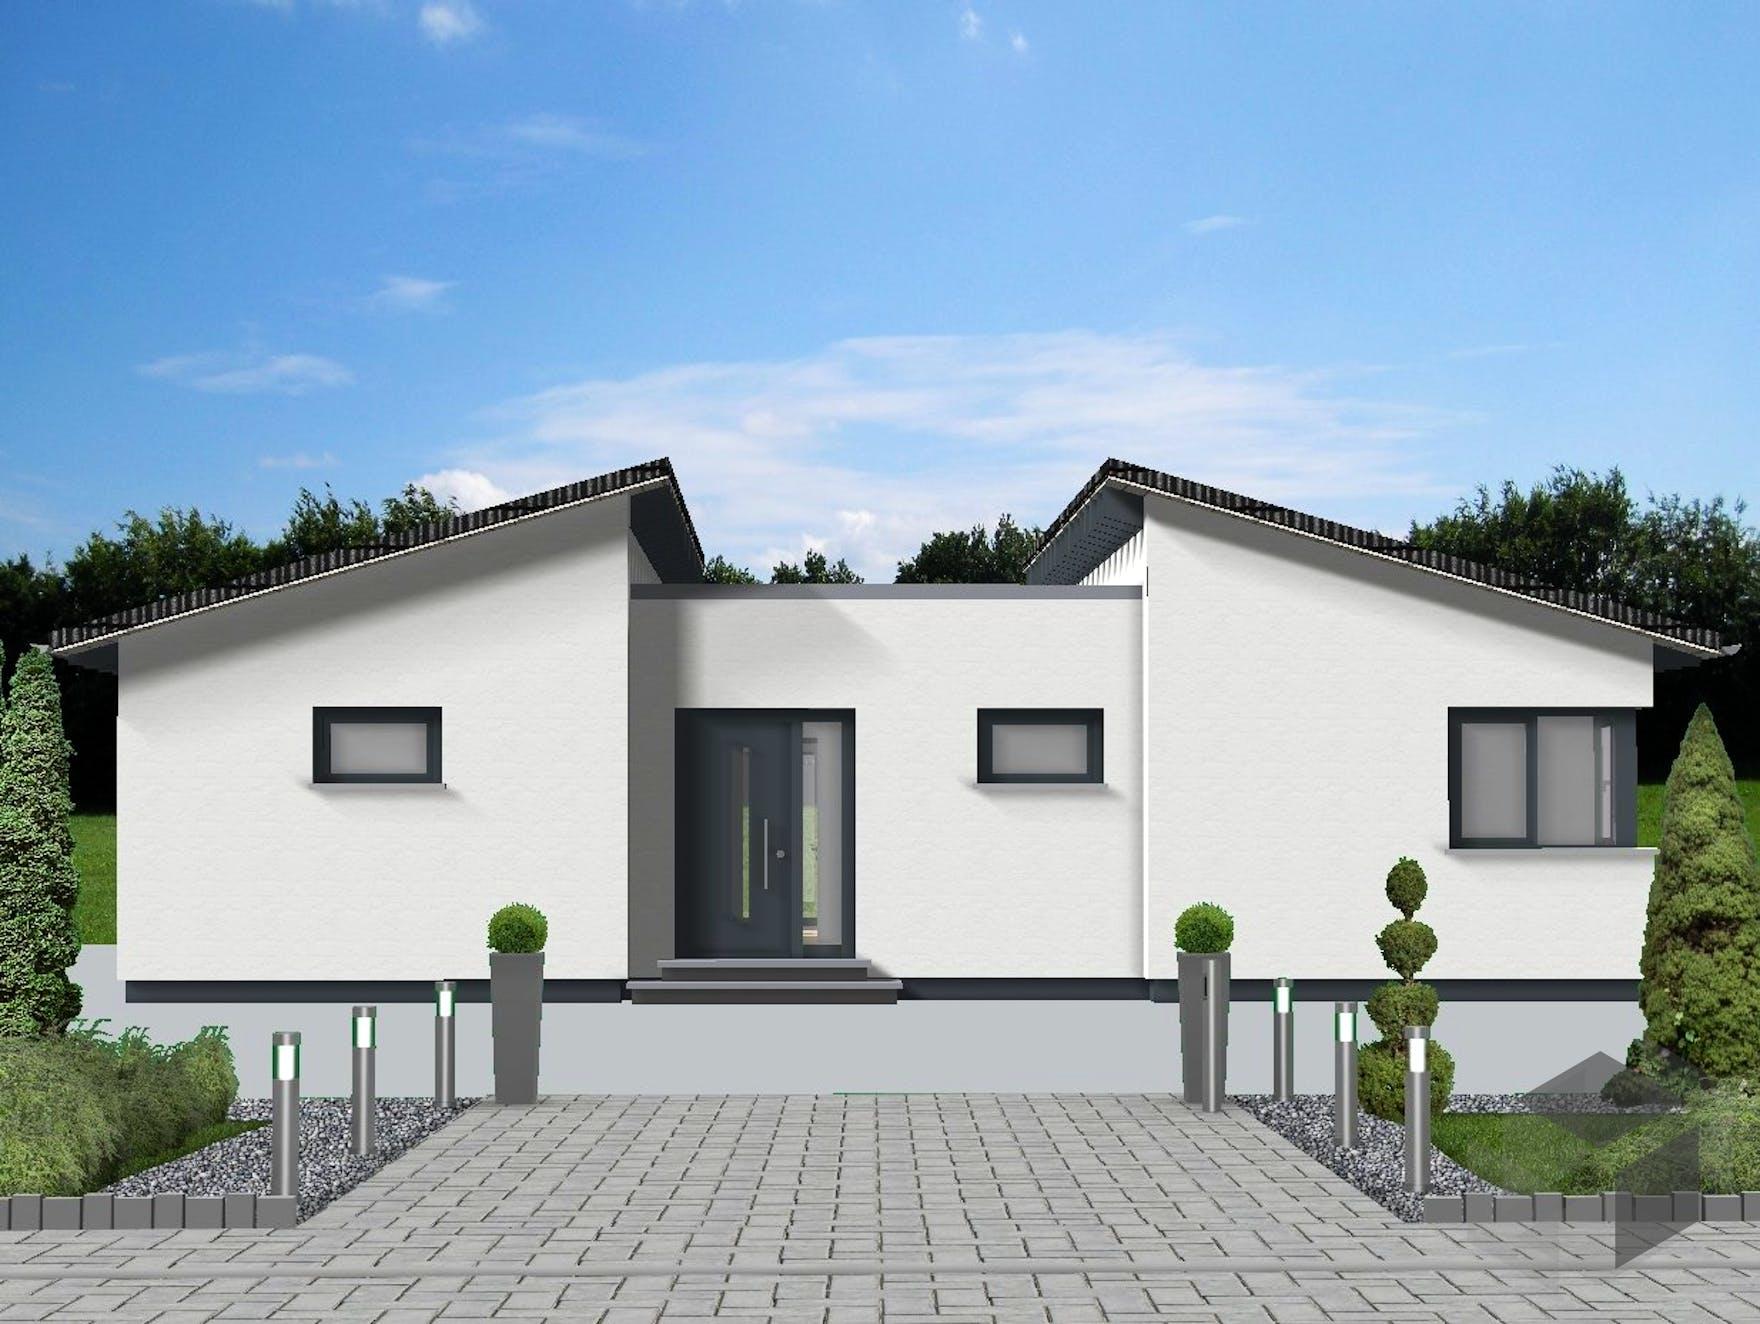 wohnen auf einer ebene von meisterst ck haus pultdach. Black Bedroom Furniture Sets. Home Design Ideas